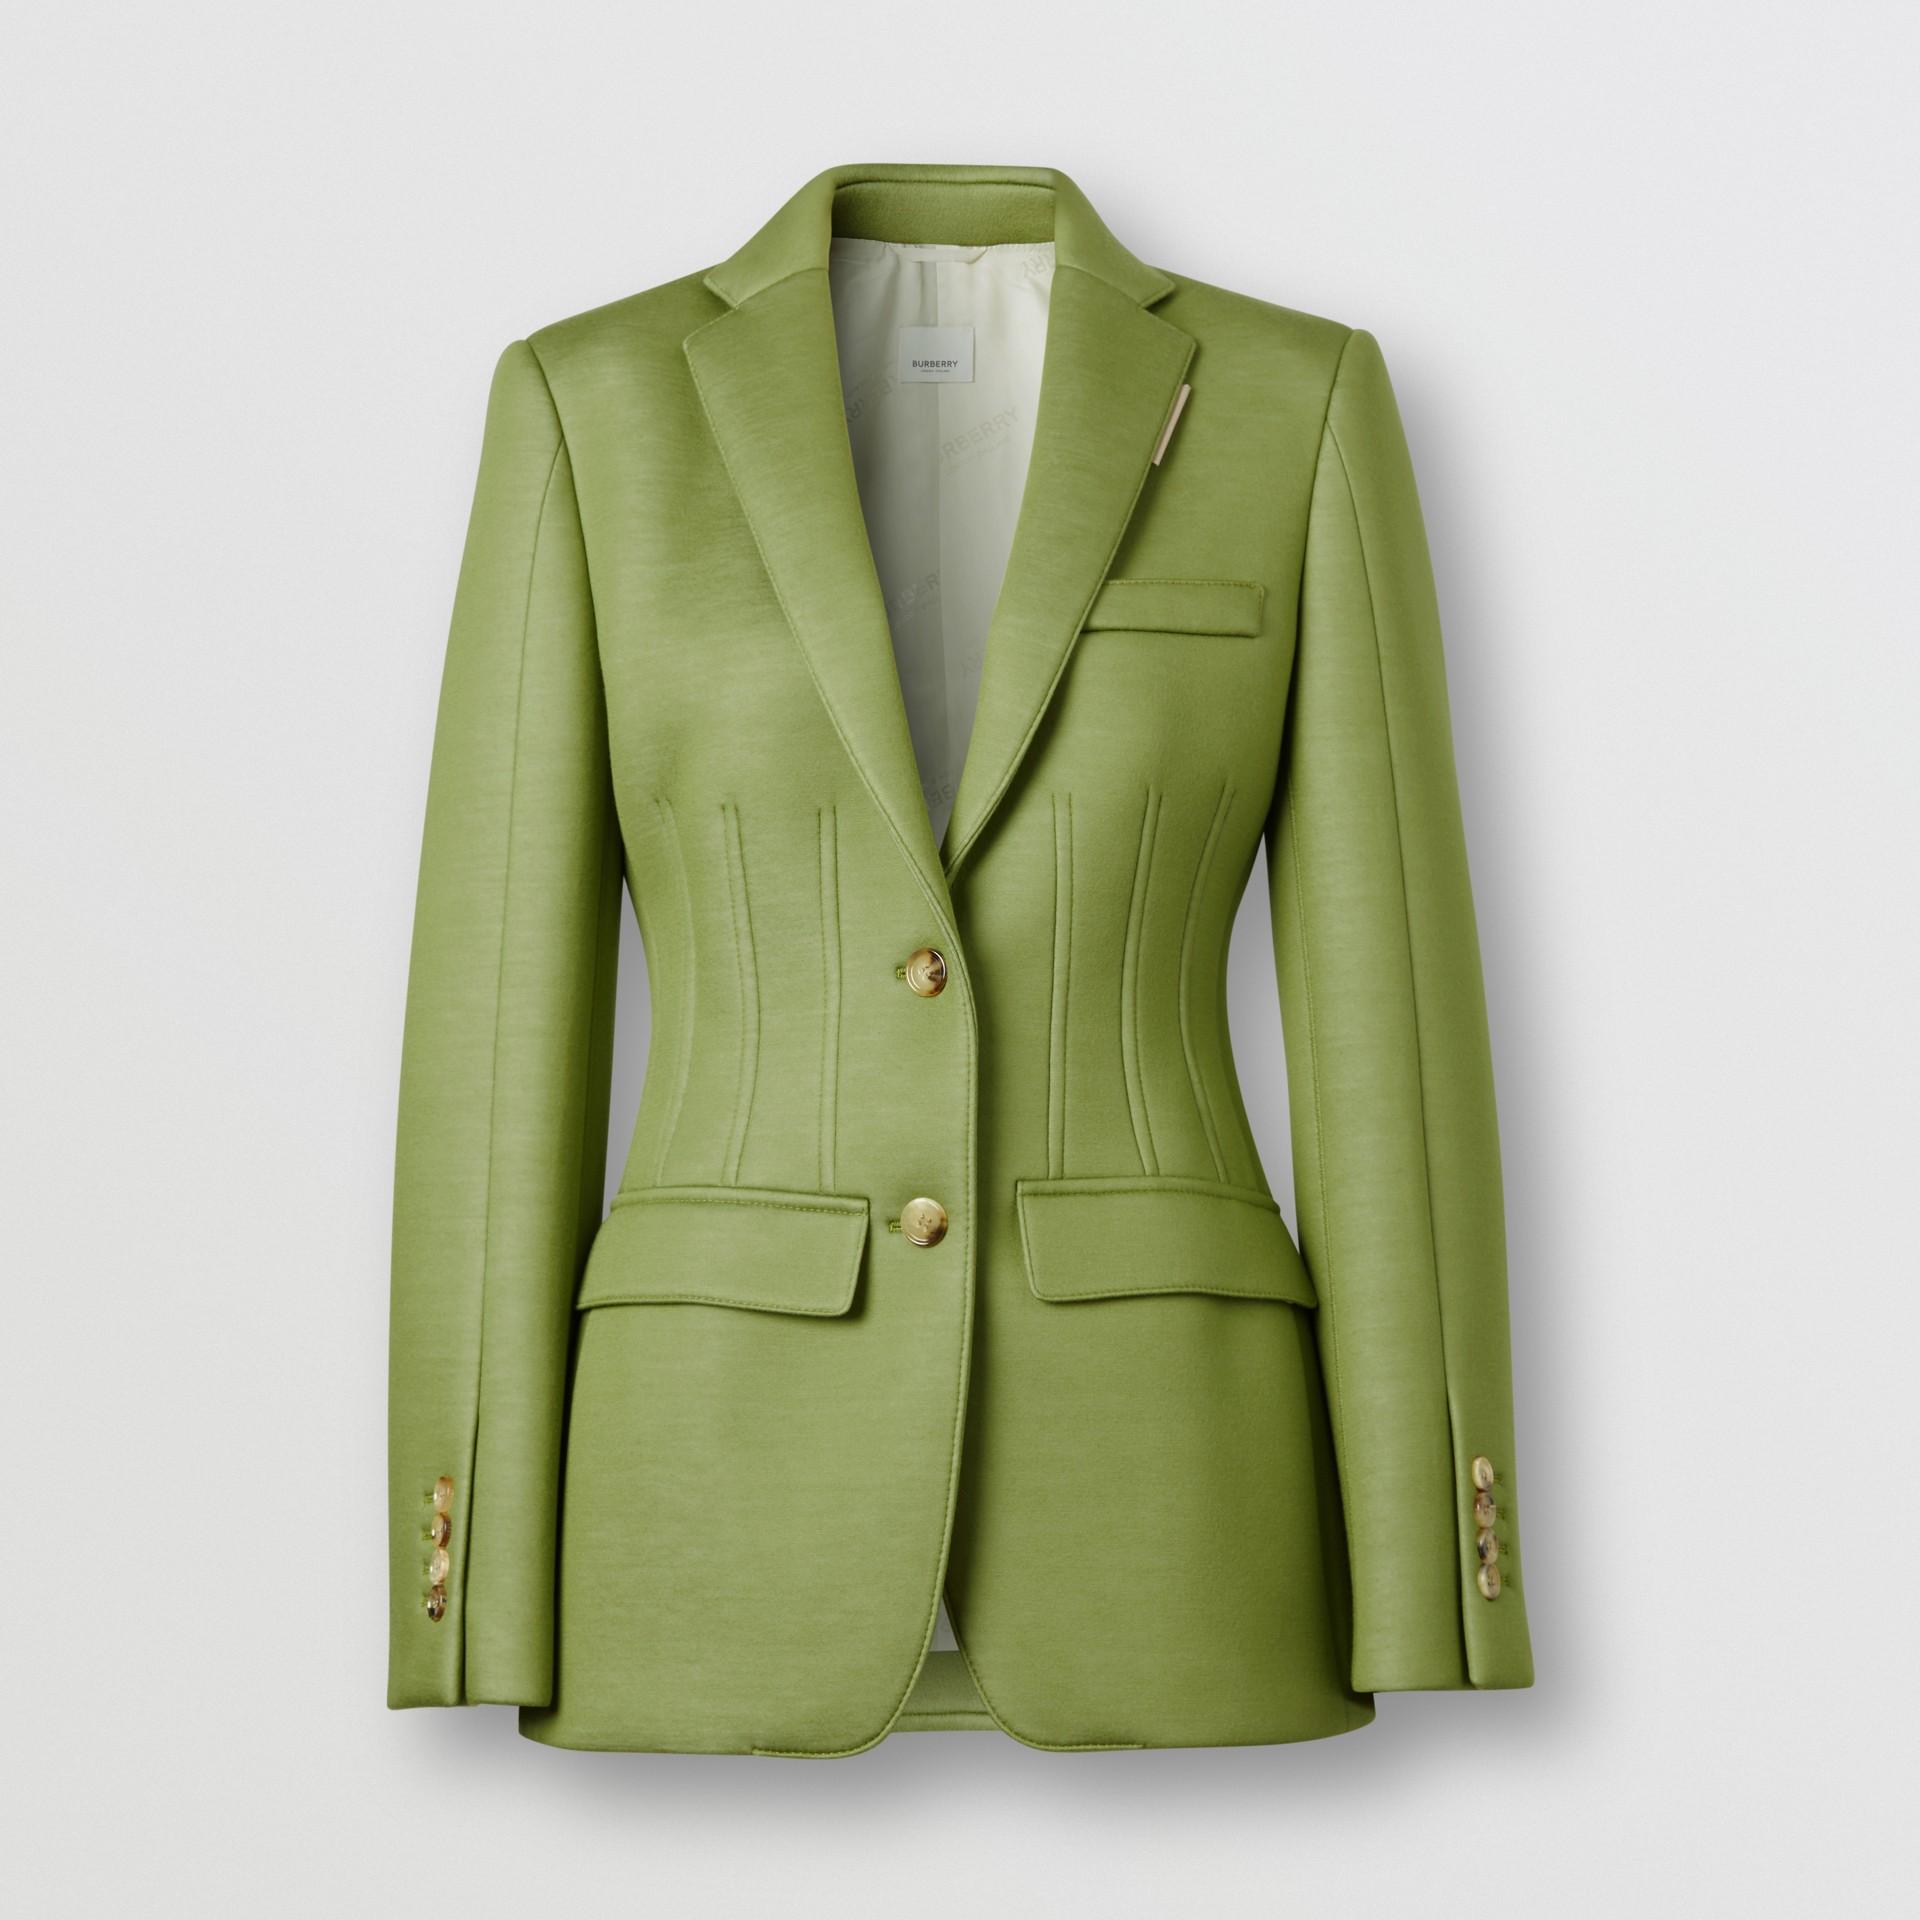 雙面氯丁橡膠套量裁製外套 (雪松綠) - 女款 | Burberry - 圖庫照片 3